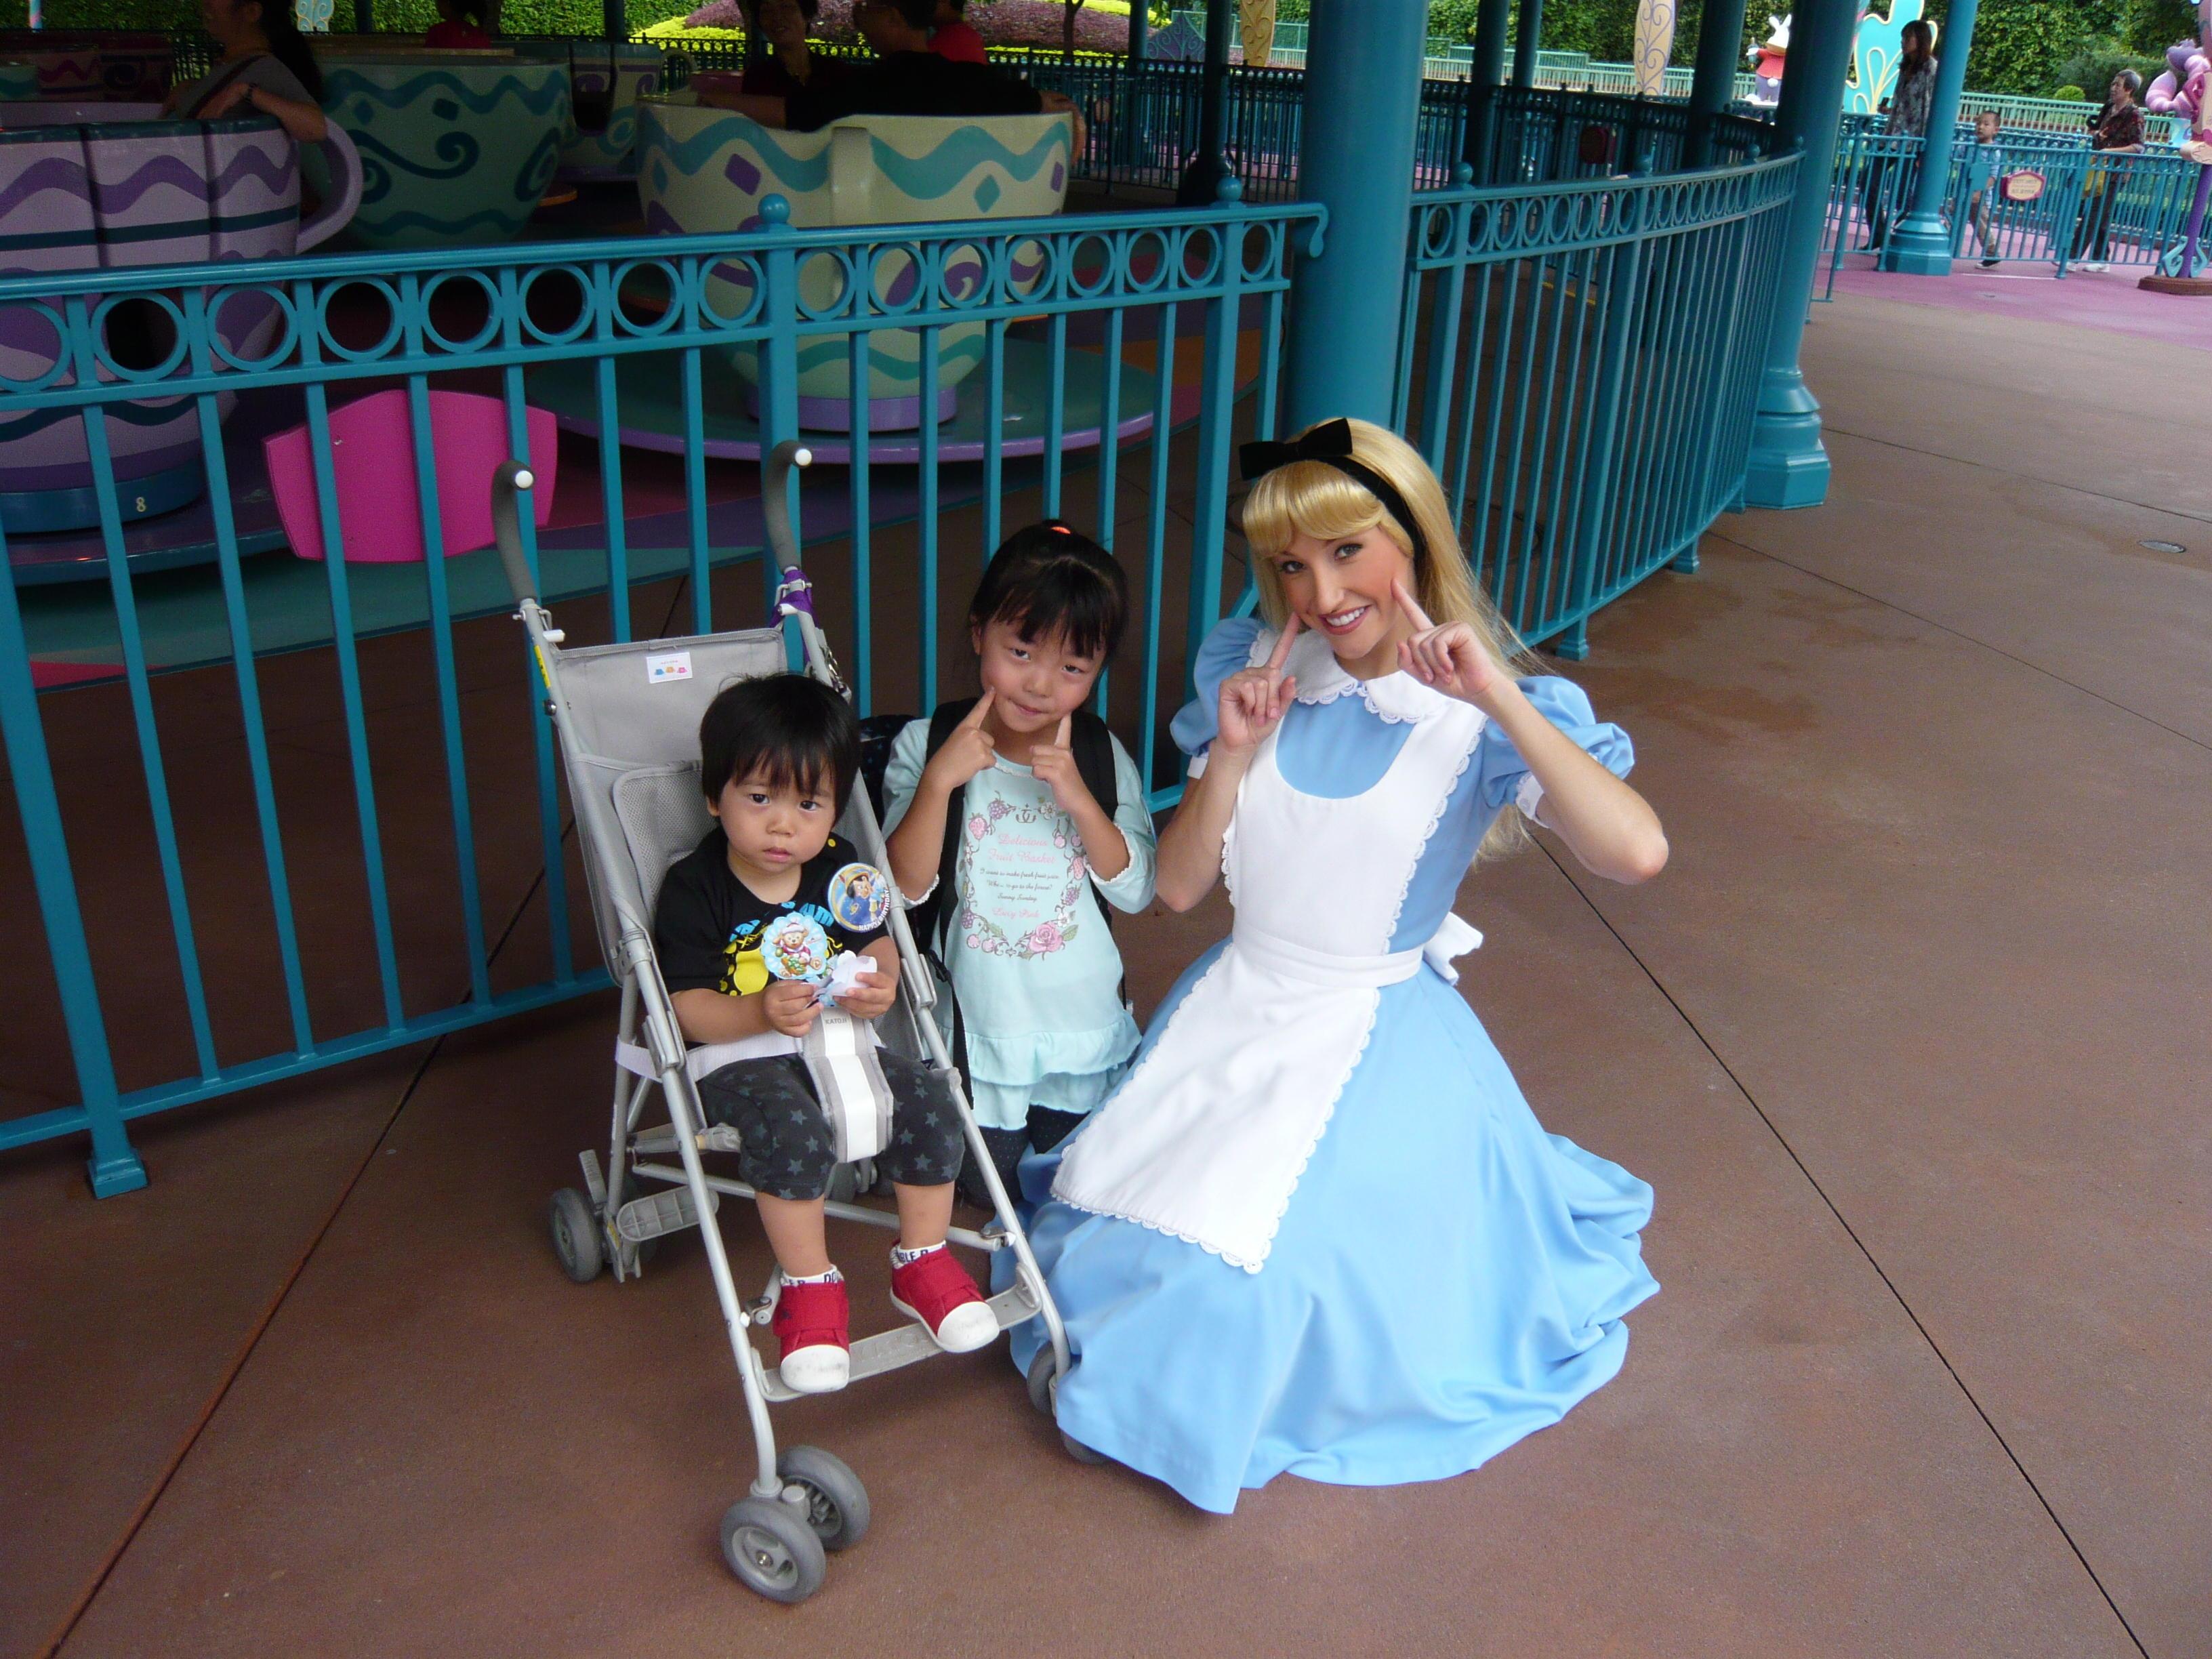 ディズニーランド 2 アリス:かえで ホンコンへ いってきました♪:so